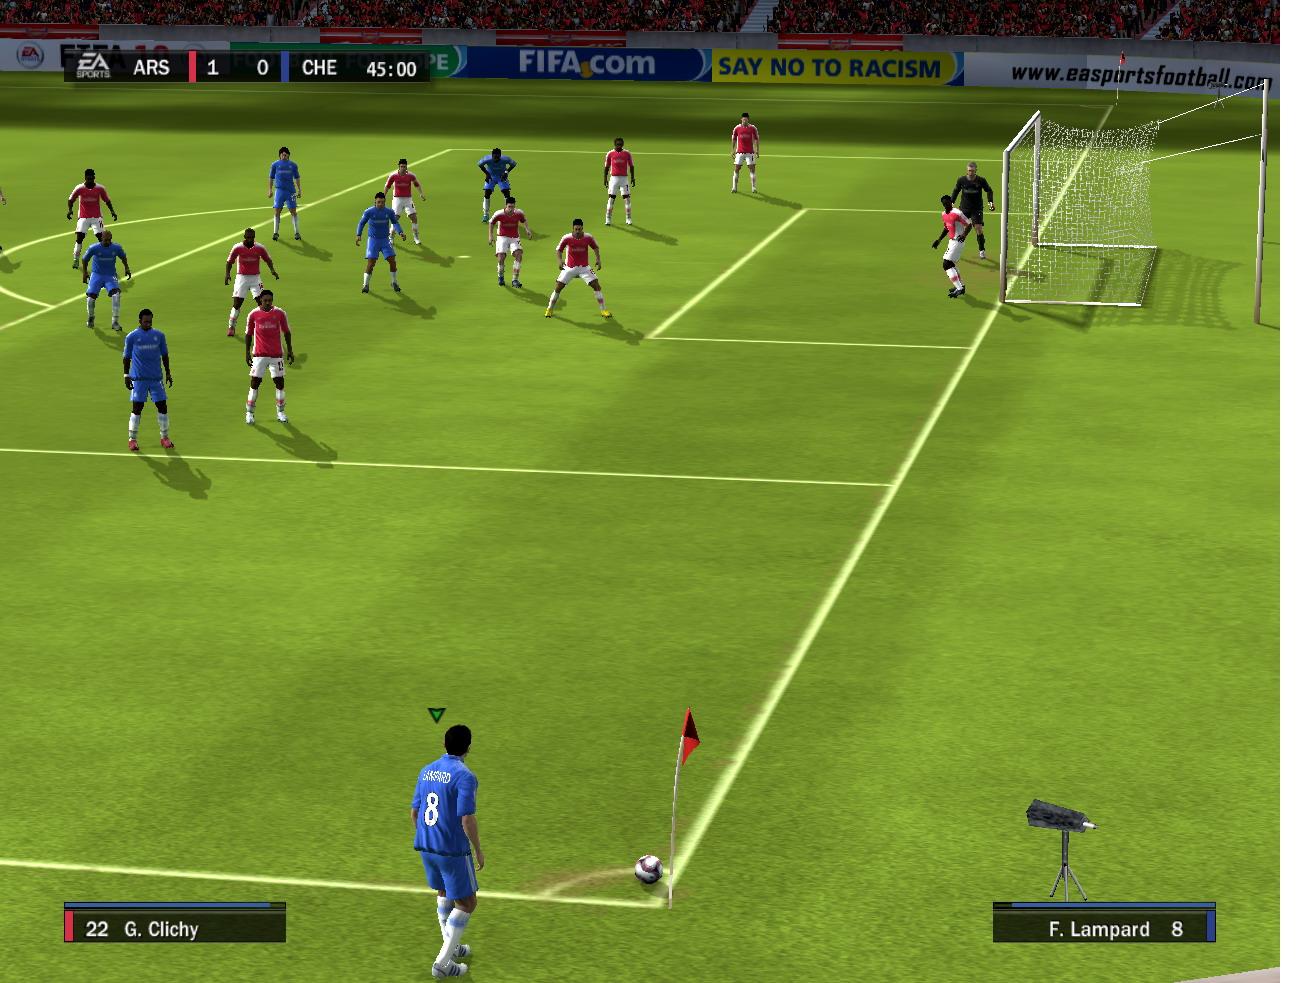 Fútbol dominical: Arsenal versus el Real en FIFA 11 [ESHVANSTAIGAH!]